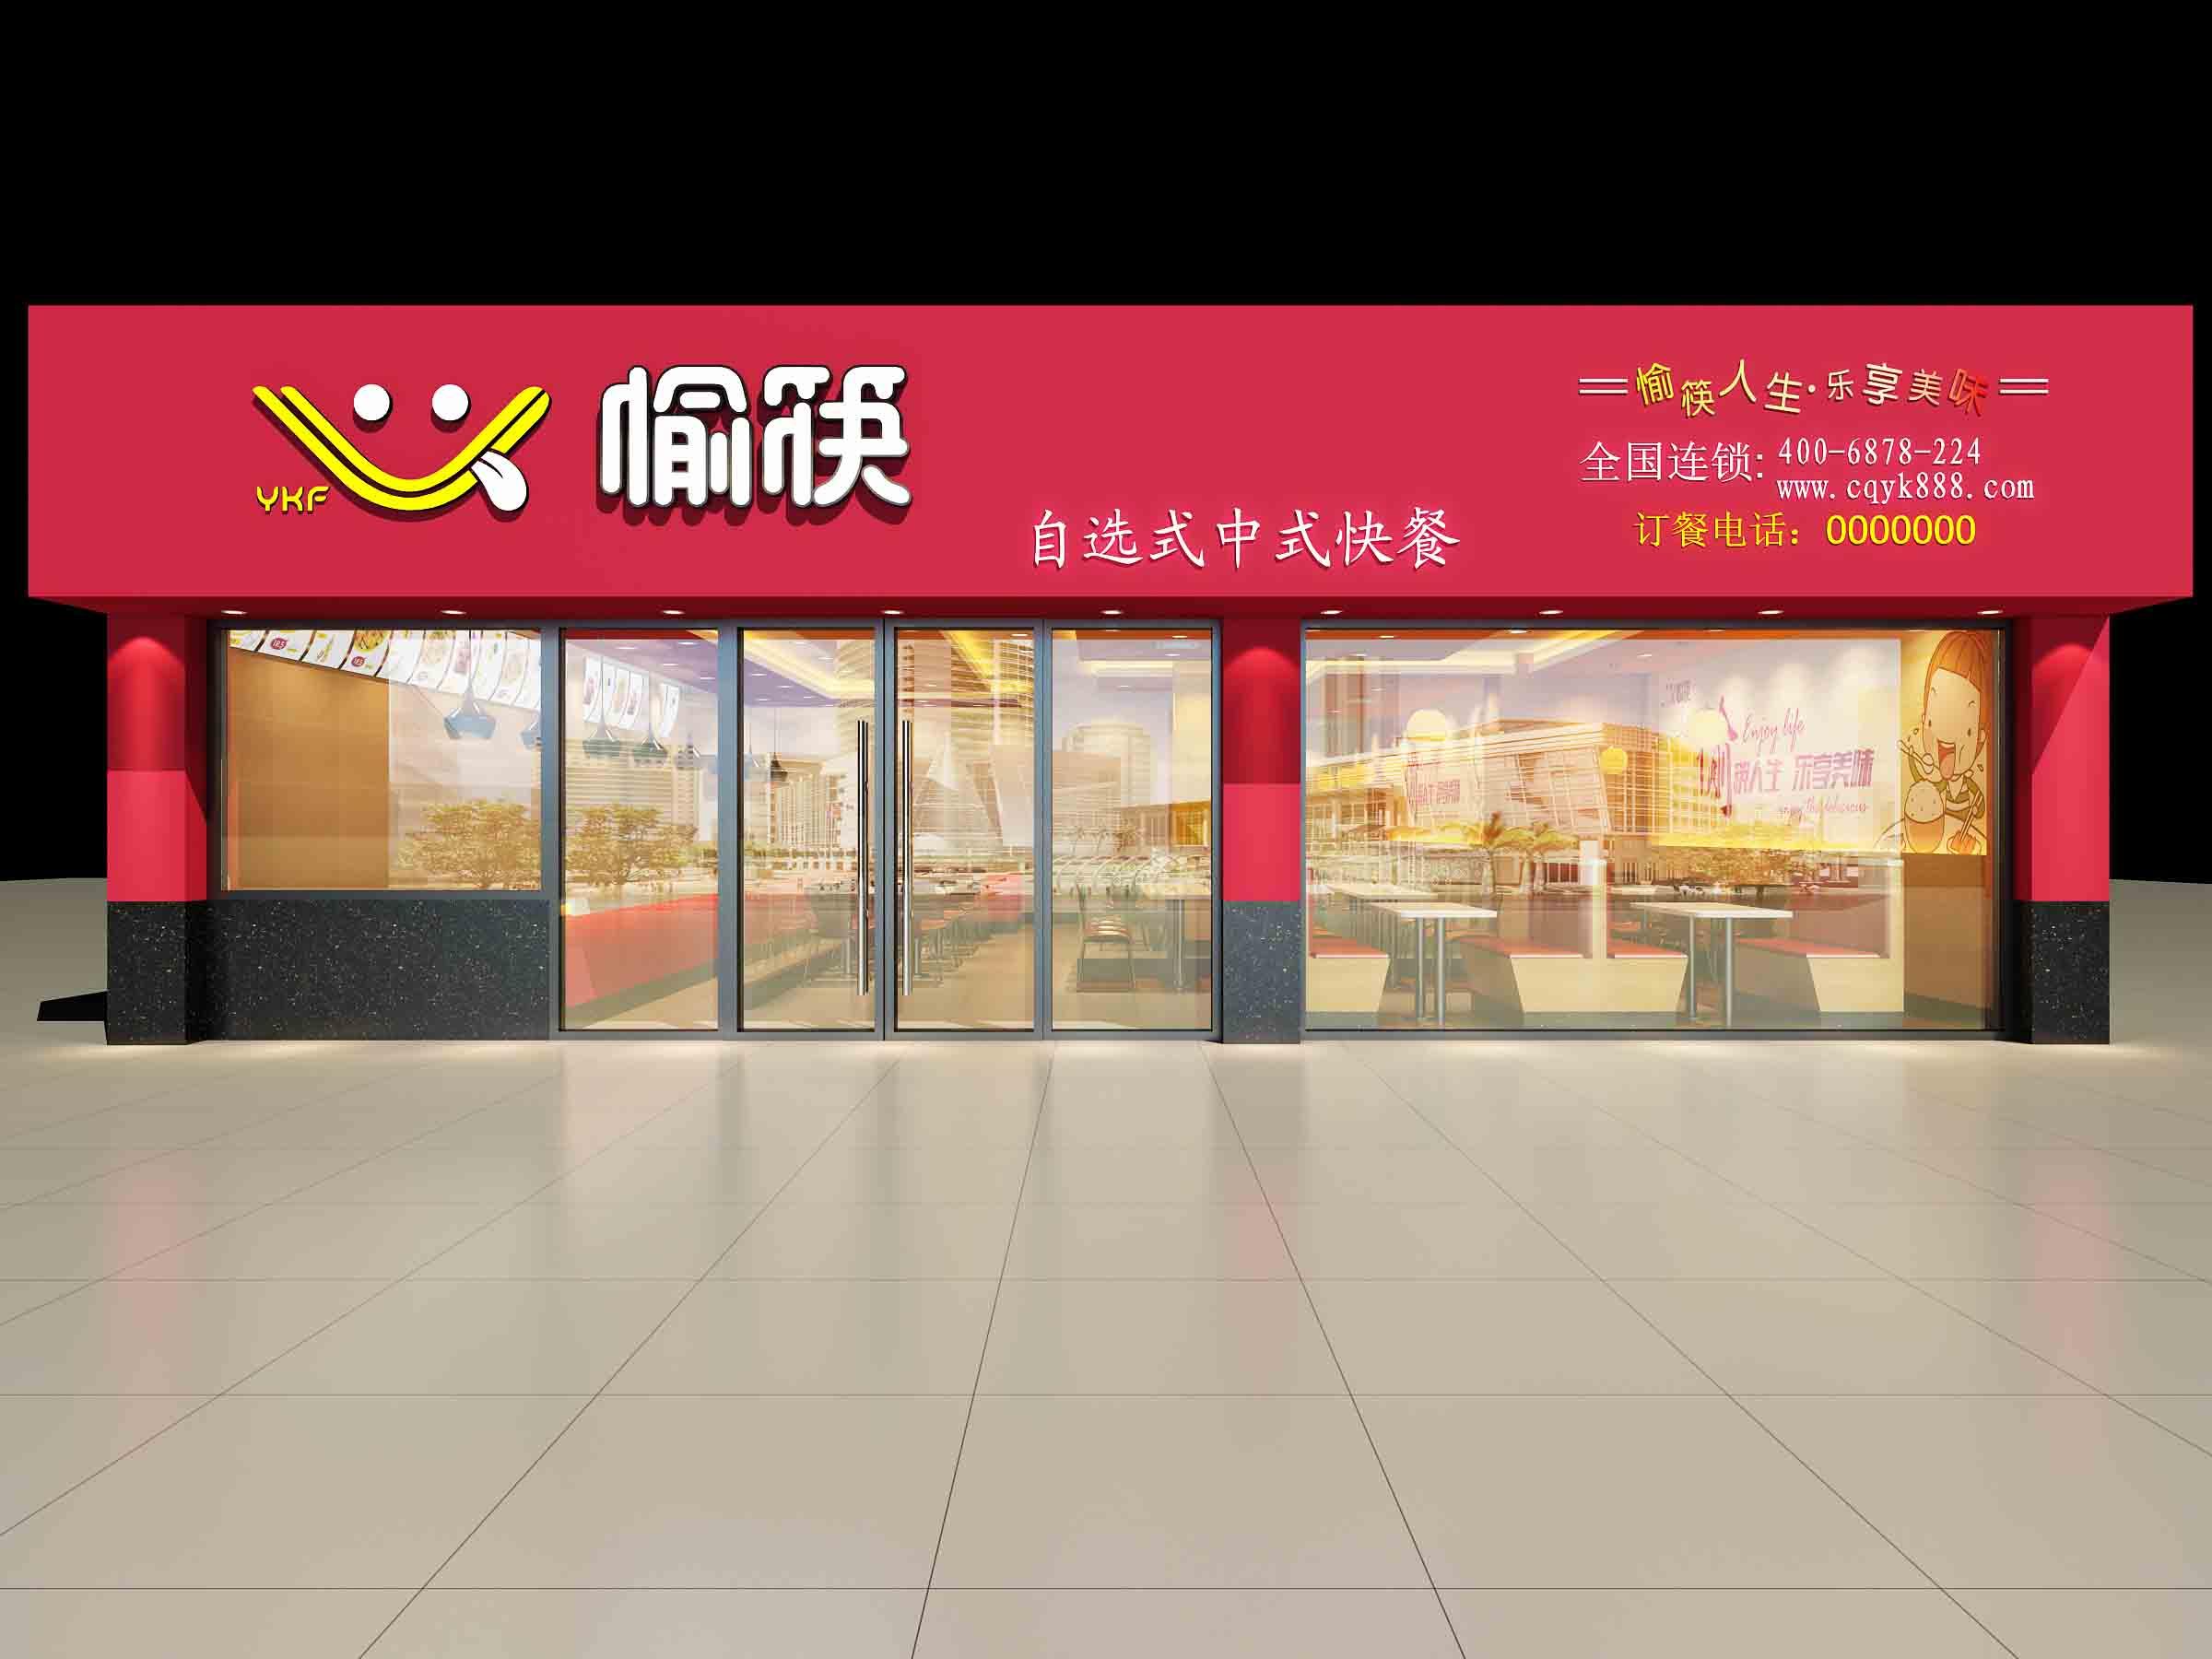 恭祝愉筷自选中式快餐入驻云南丘北普者黑